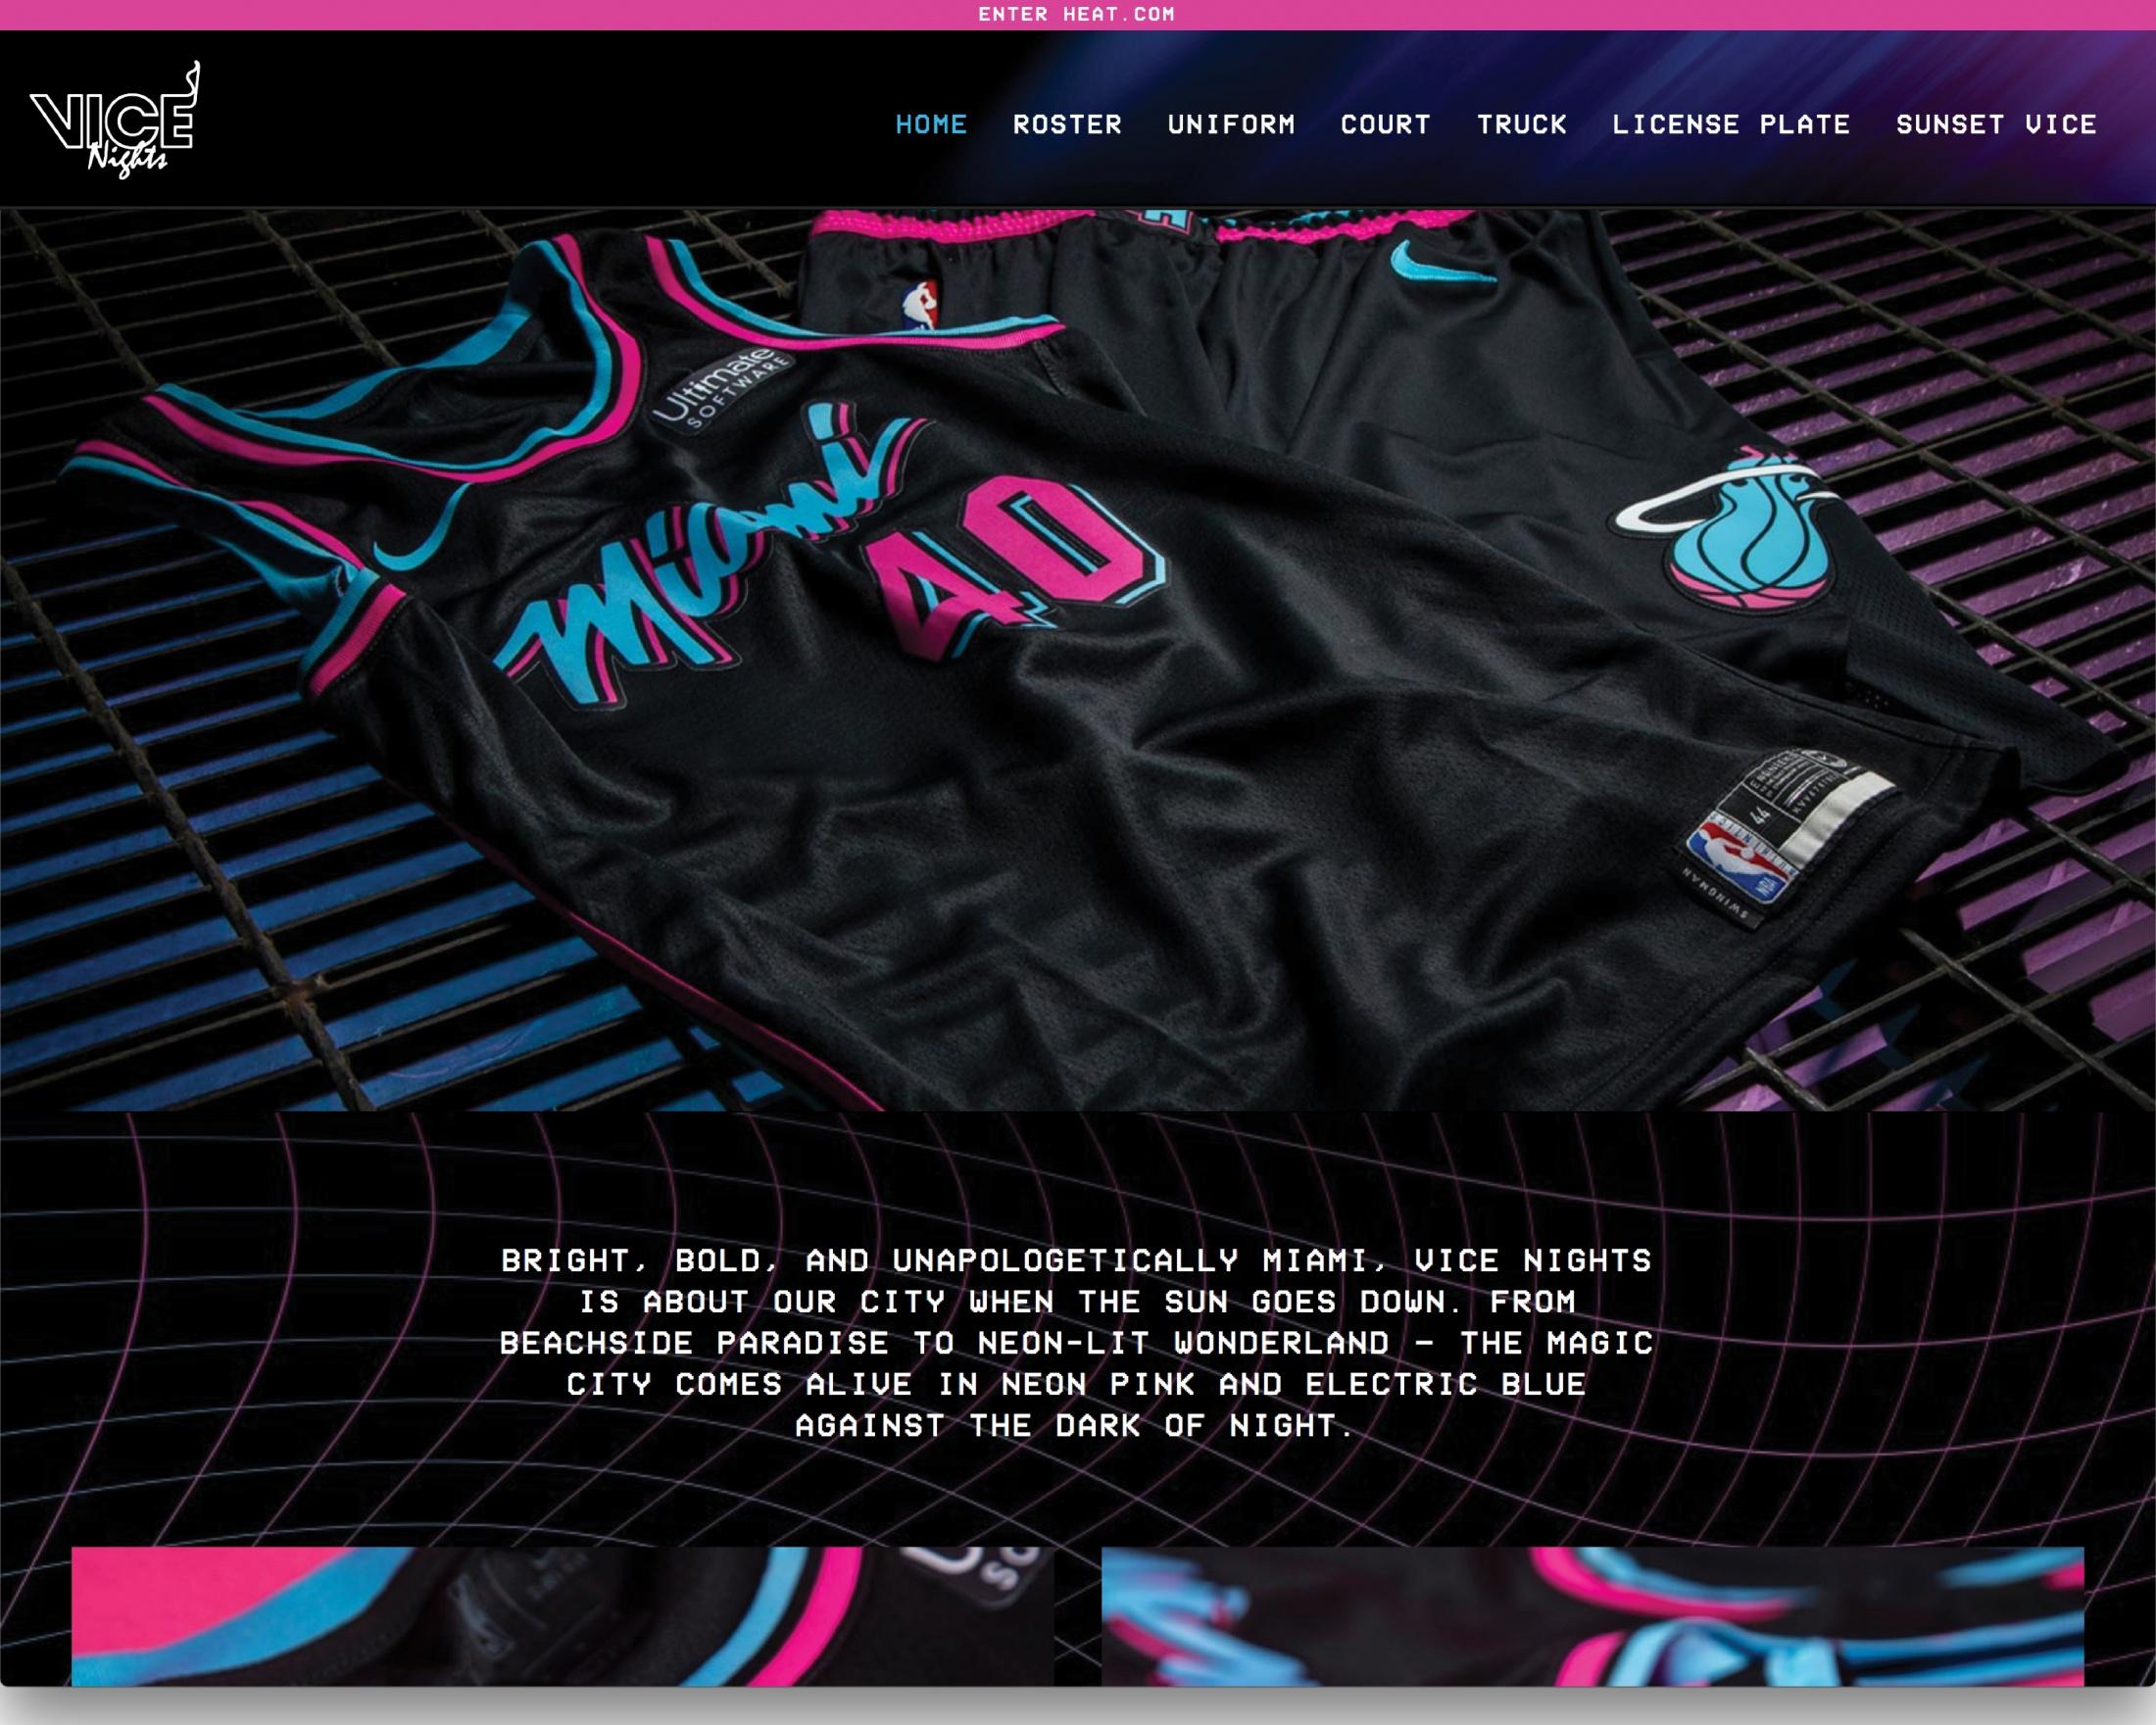 d6b5d7b65ca2 Miami HEAT - VICE Nights Website